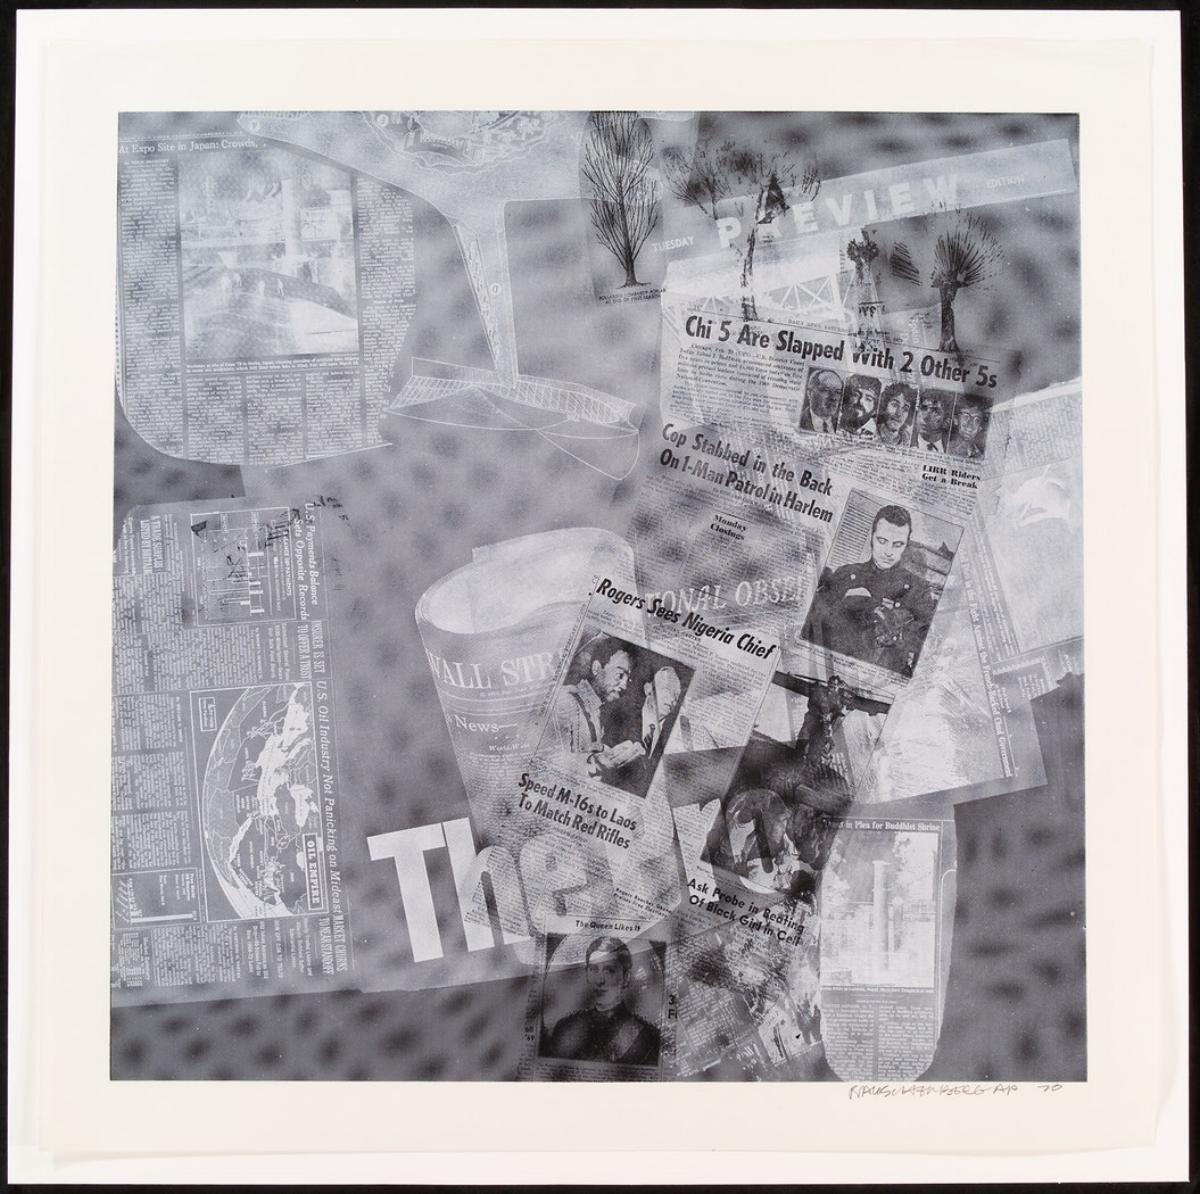 """Robert Rauschenberg, SURFACE SERIES FROM CURRENTS, 1970 [Foster 114], silkscreen, 40"""" x 40"""" ed: 100"""